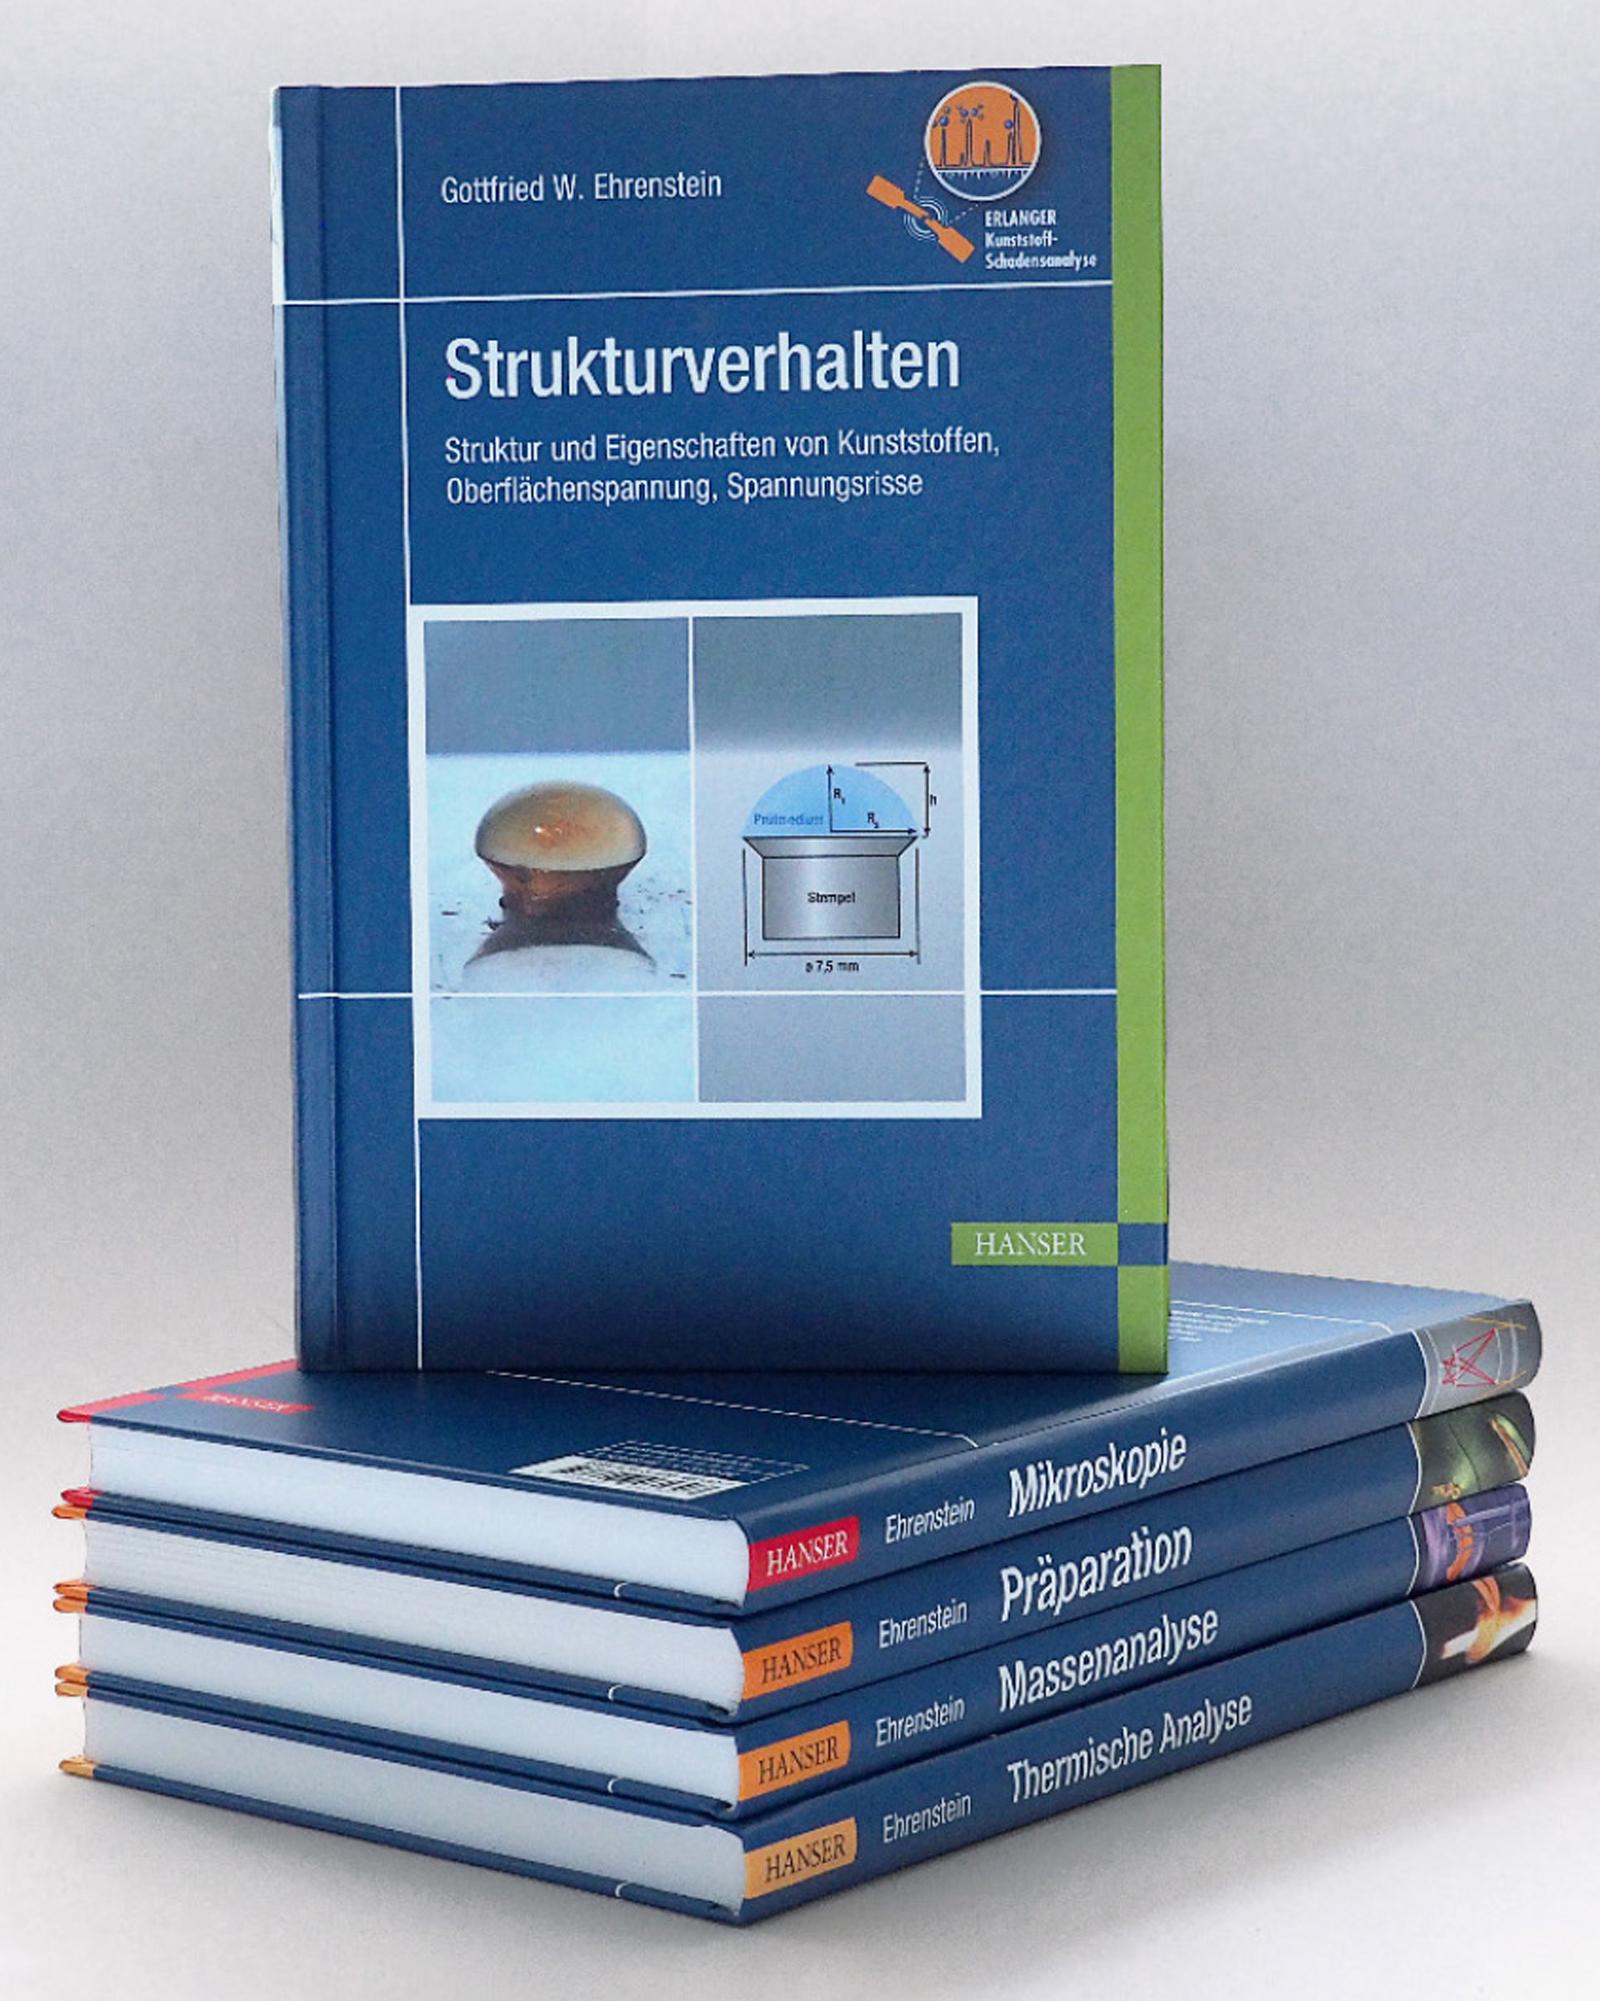 Ehrenstein, Kunststoff-Schadensanalyse, 978-3-446-46760-6